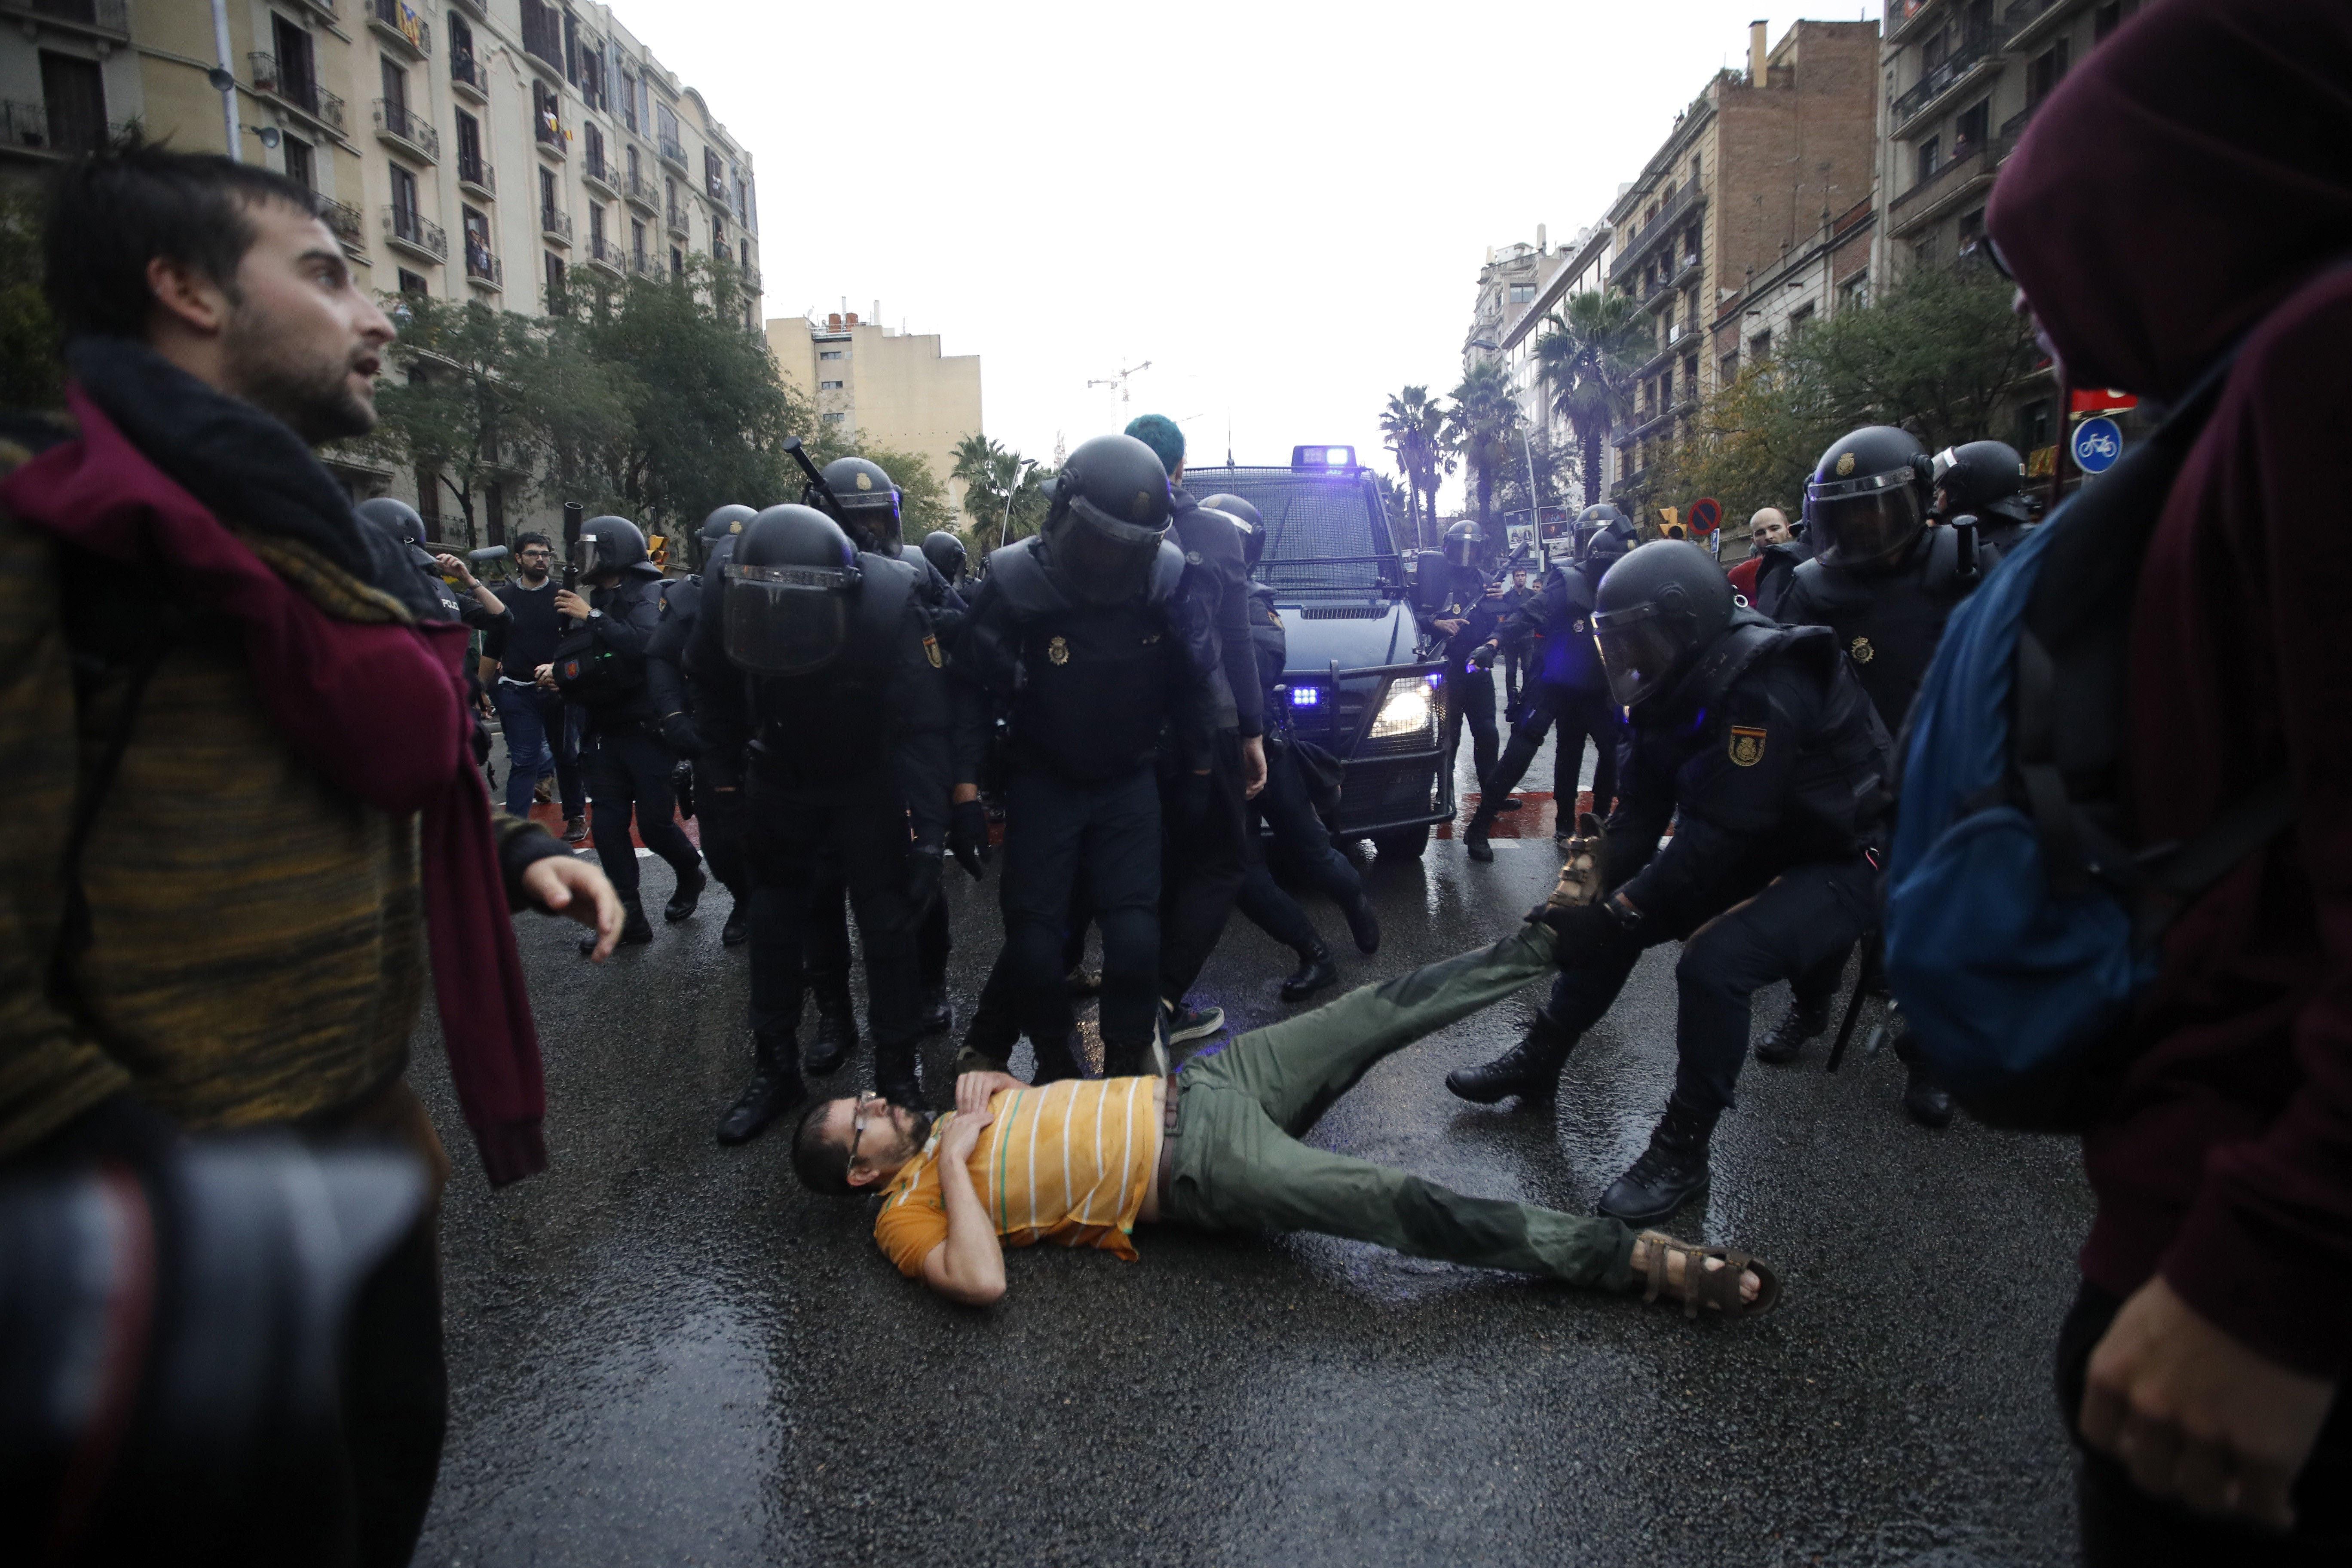 Agents antidisturbis de la Policia Nacional formen un cordó de seguretat als voltants del col·legi Ramón Llull de Barcelona. /ALBERTO ESTÉVEZ